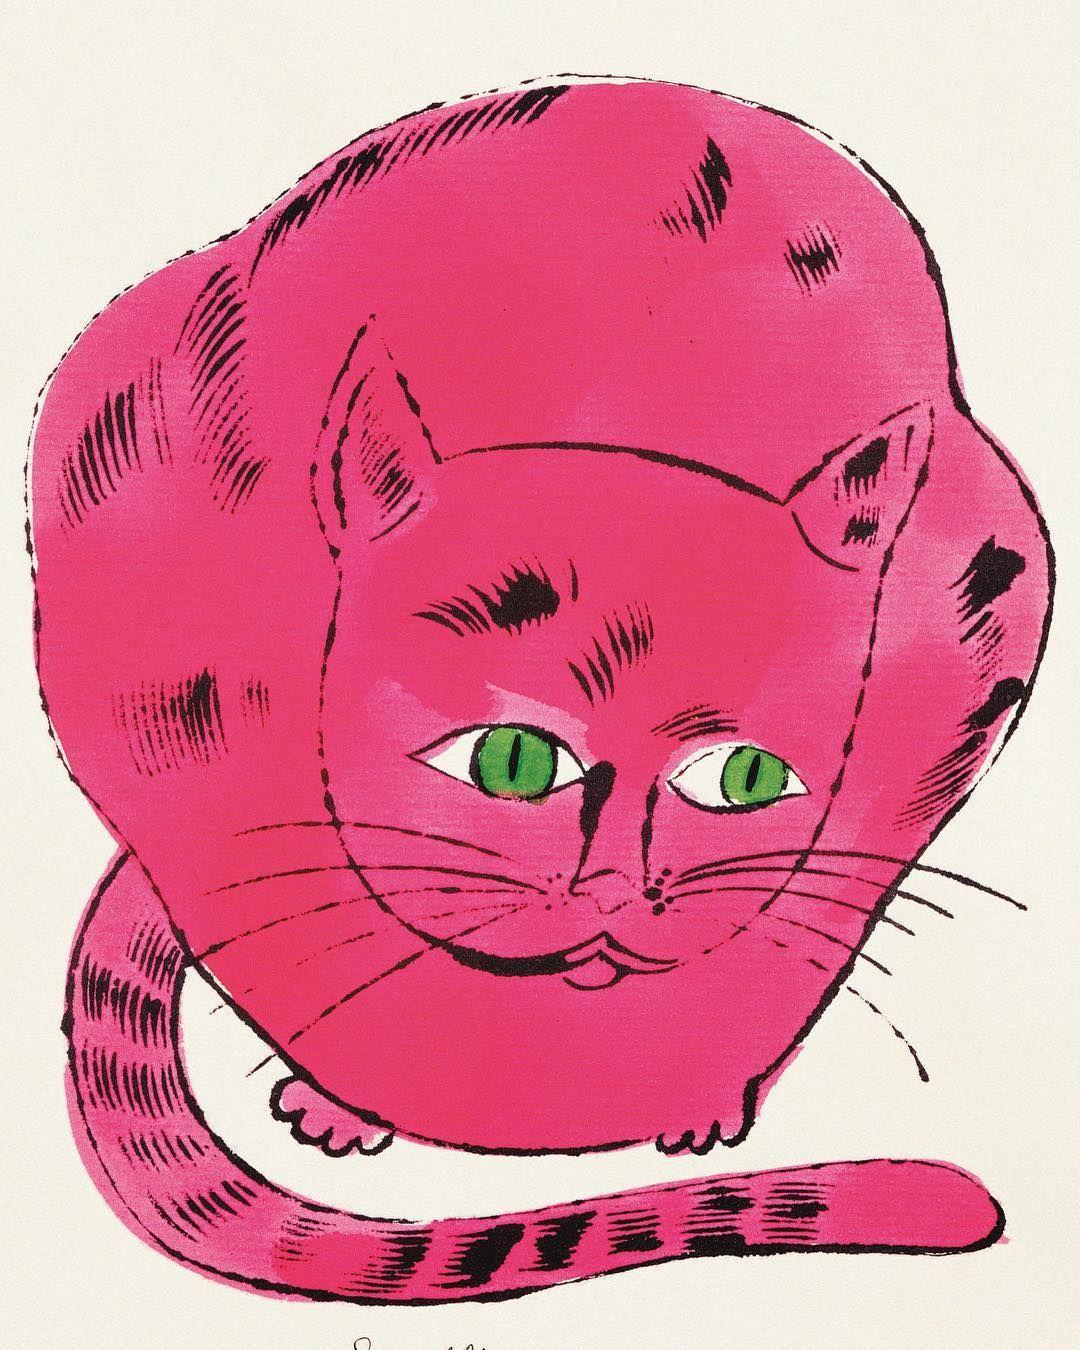 Cat And Kitten Images Bilder - Cat And Kitten Images Bilder